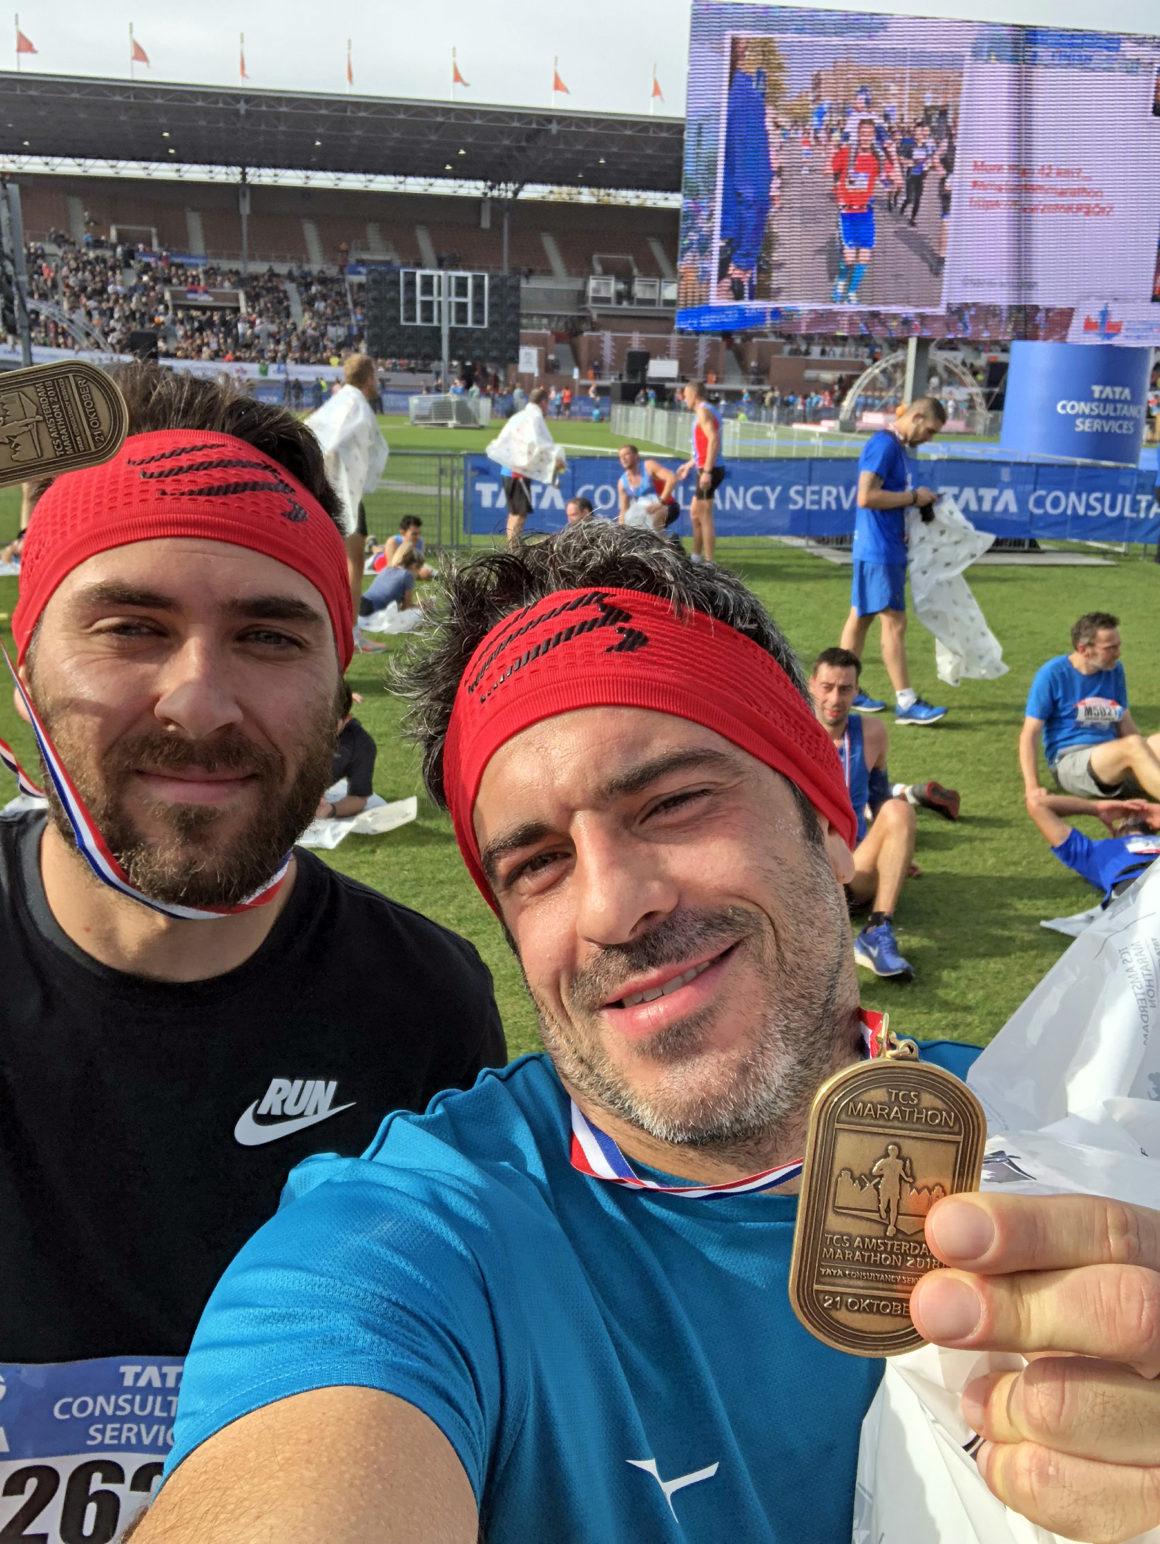 marathon maraton amsterdam maratón de amsterdam - marathon maraton amsterdam 20 1160x1544 - Correr el Maratón de Amsterdam: análisis, recorrido, entrenamiento y recomendaciones de viaje